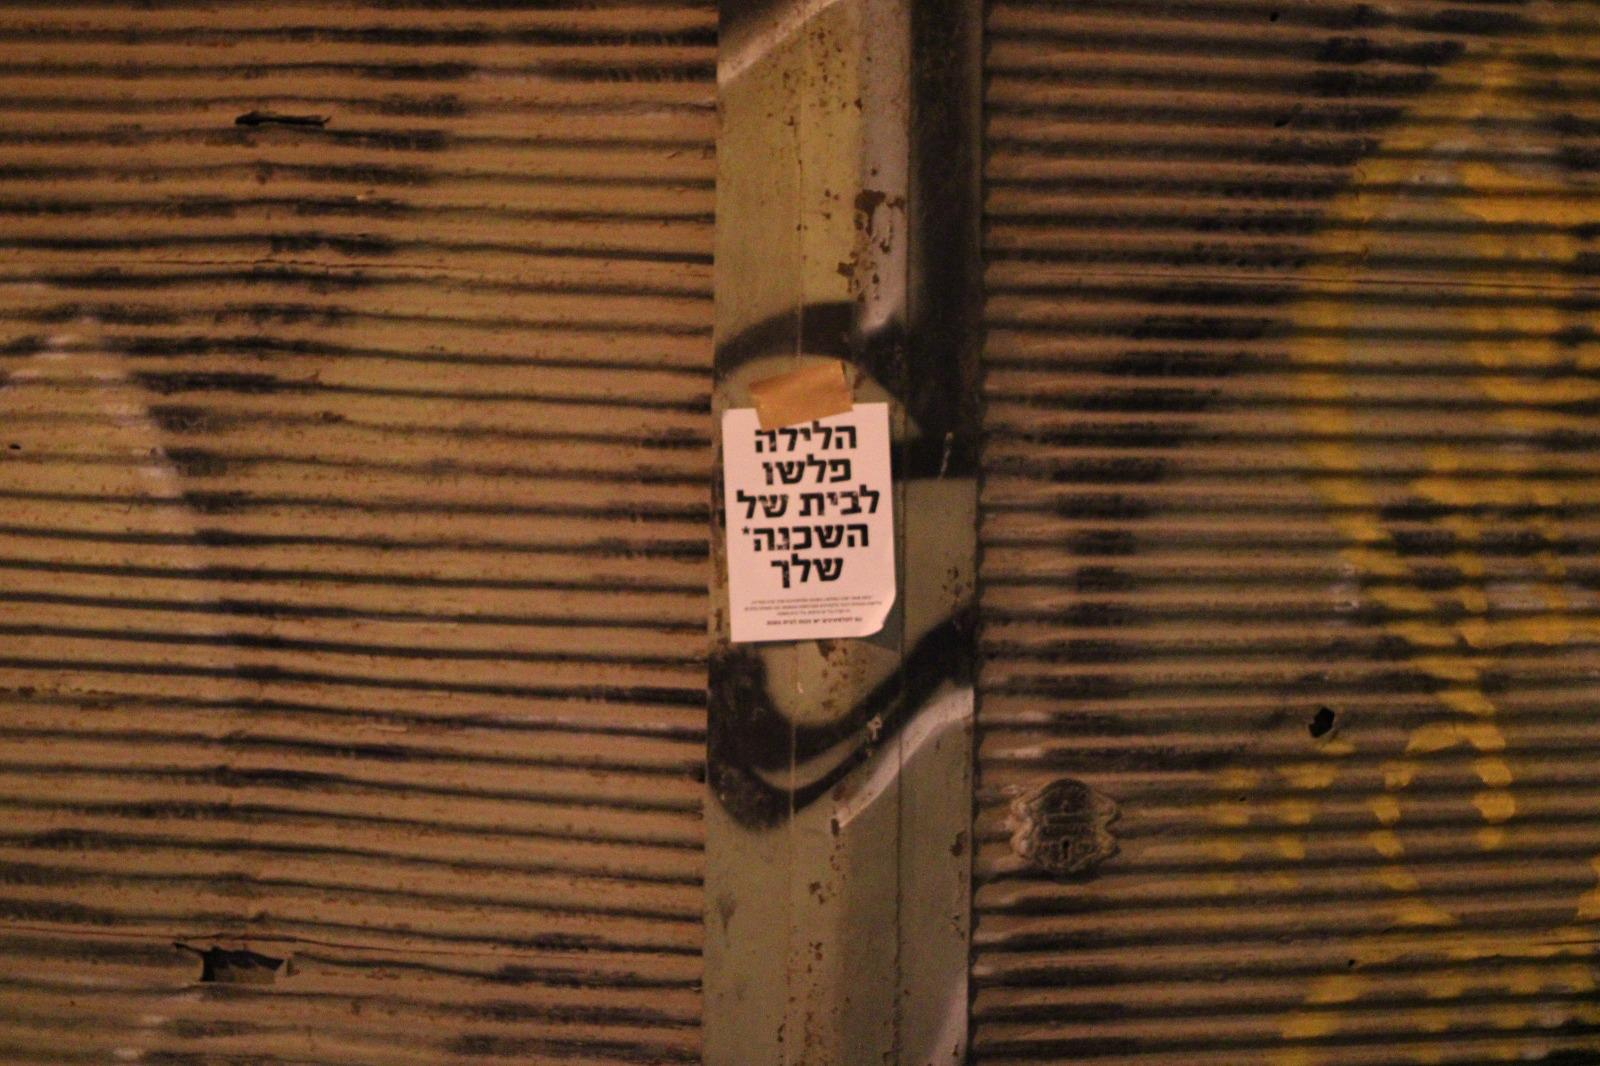 מודעות שתלו פעילות נגד הכיבוש בירושלים. (צילום: שרונה וייס/ אקטיבסטילס)